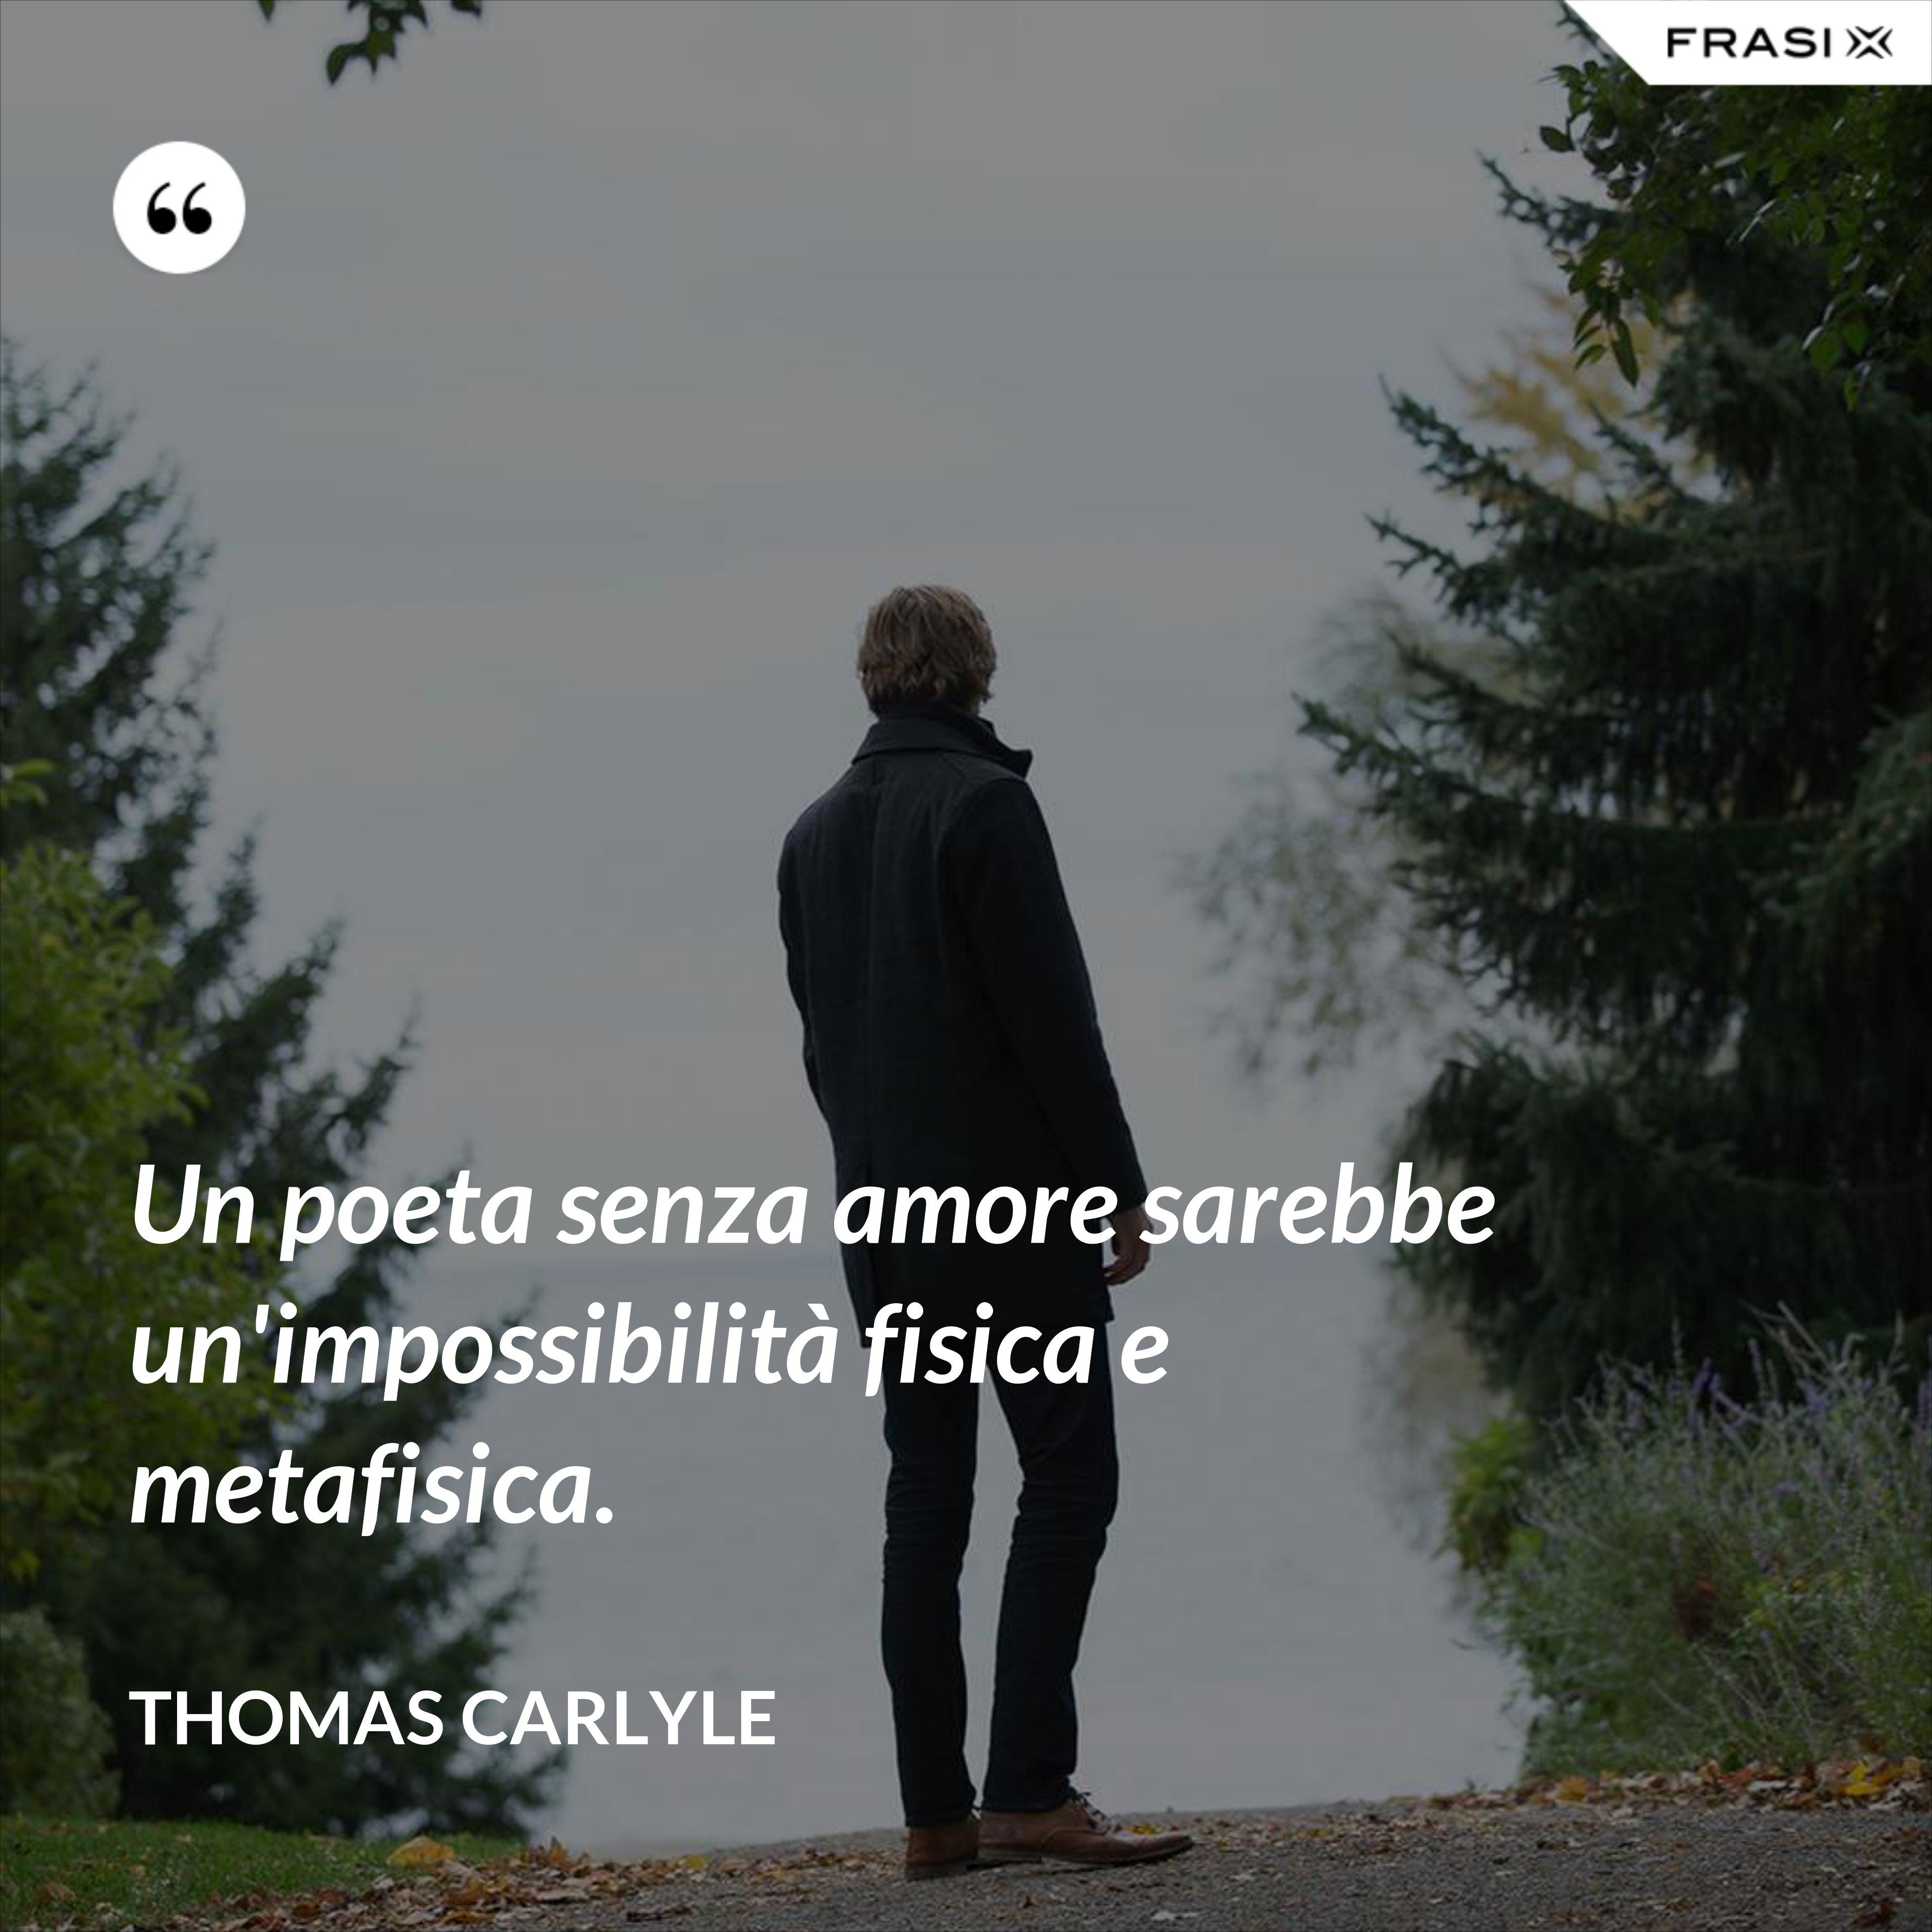 Un poeta senza amore sarebbe un'impossibilità fisica e metafisica. - Thomas Carlyle